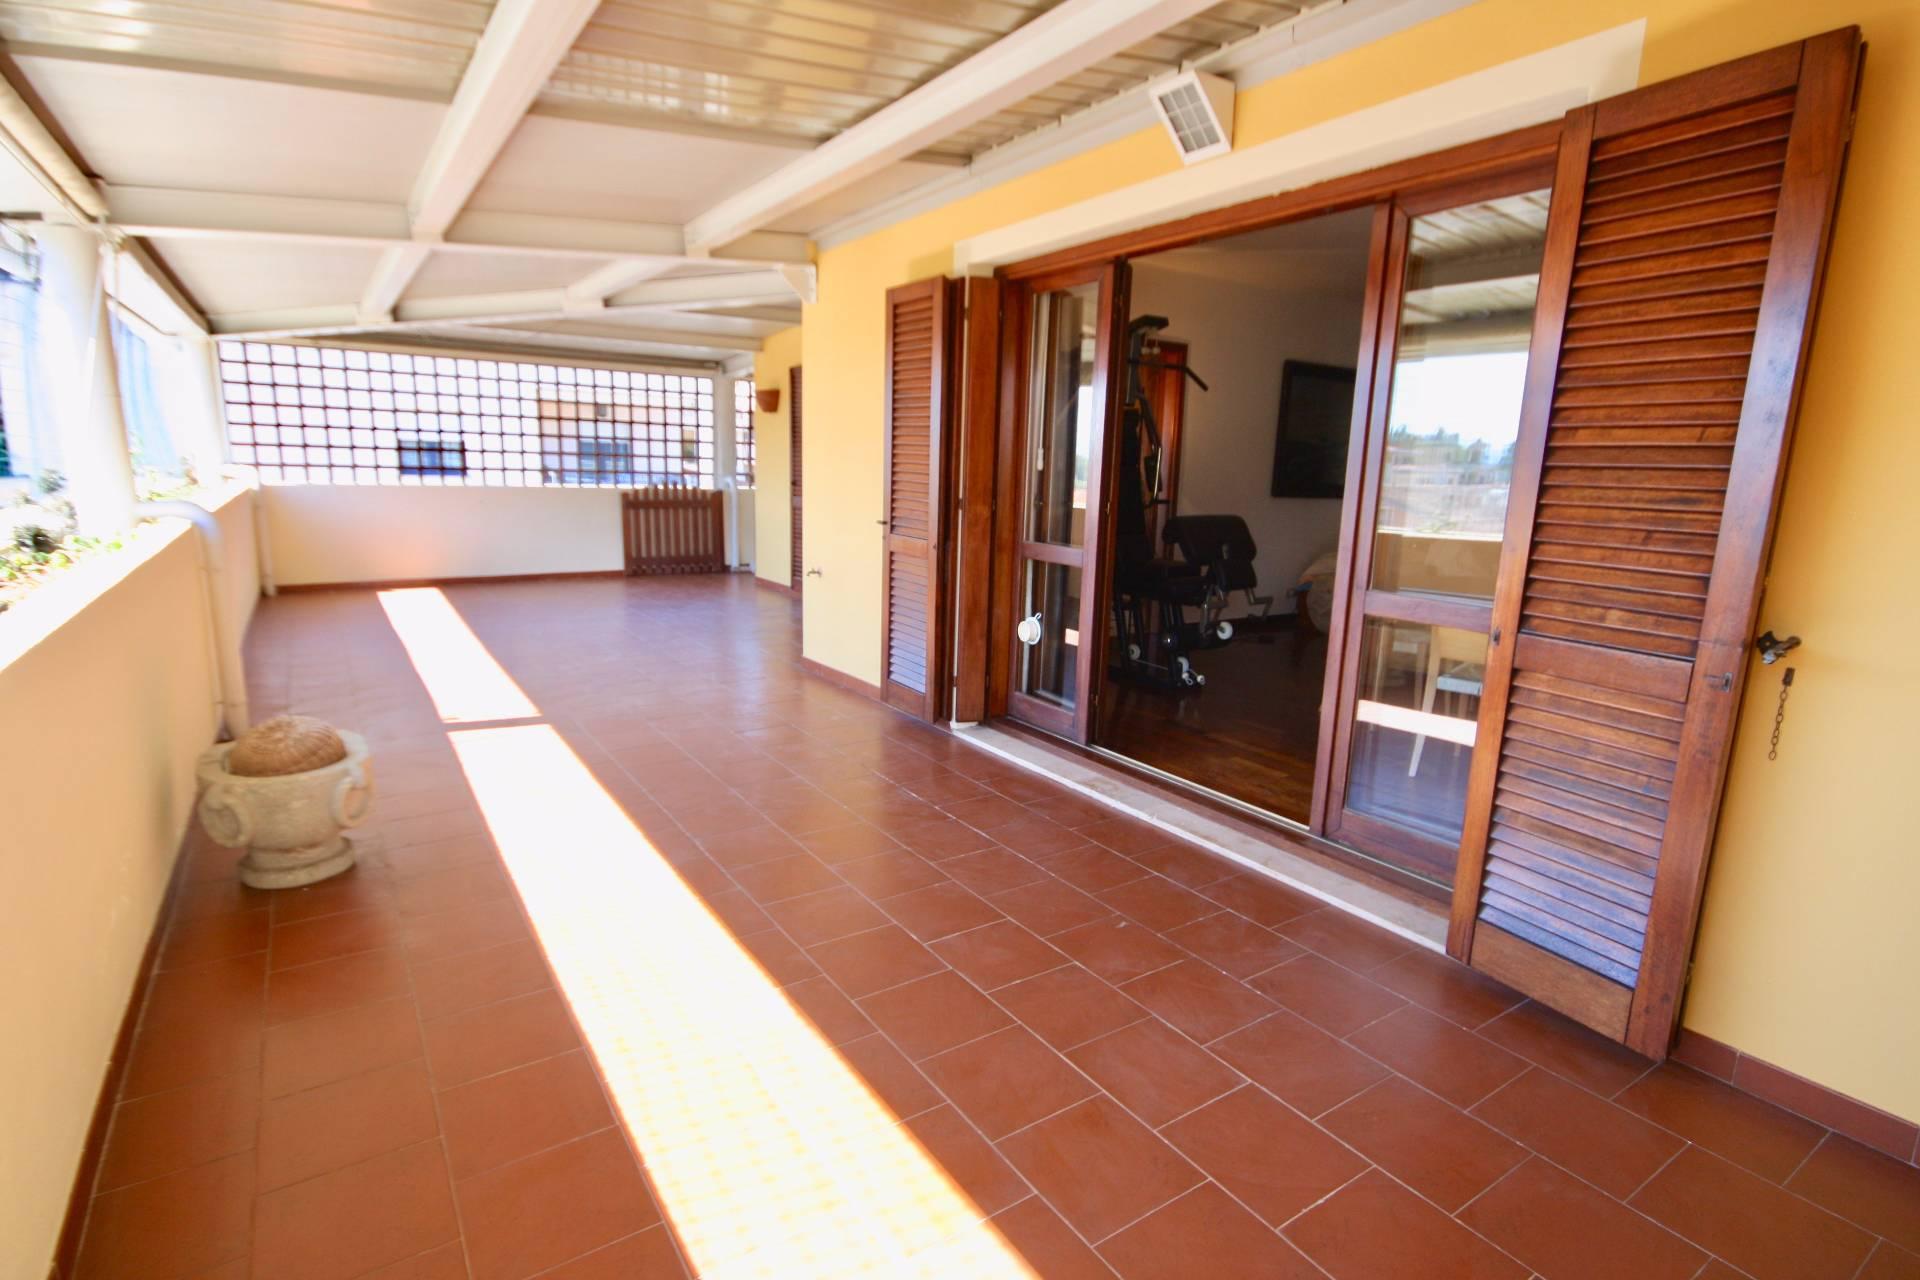 Attico / Mansarda in vendita a Olbia - Porto Rotondo, 5 locali, zona Località: Olbiacitt?, prezzo € 295.000   PortaleAgenzieImmobiliari.it